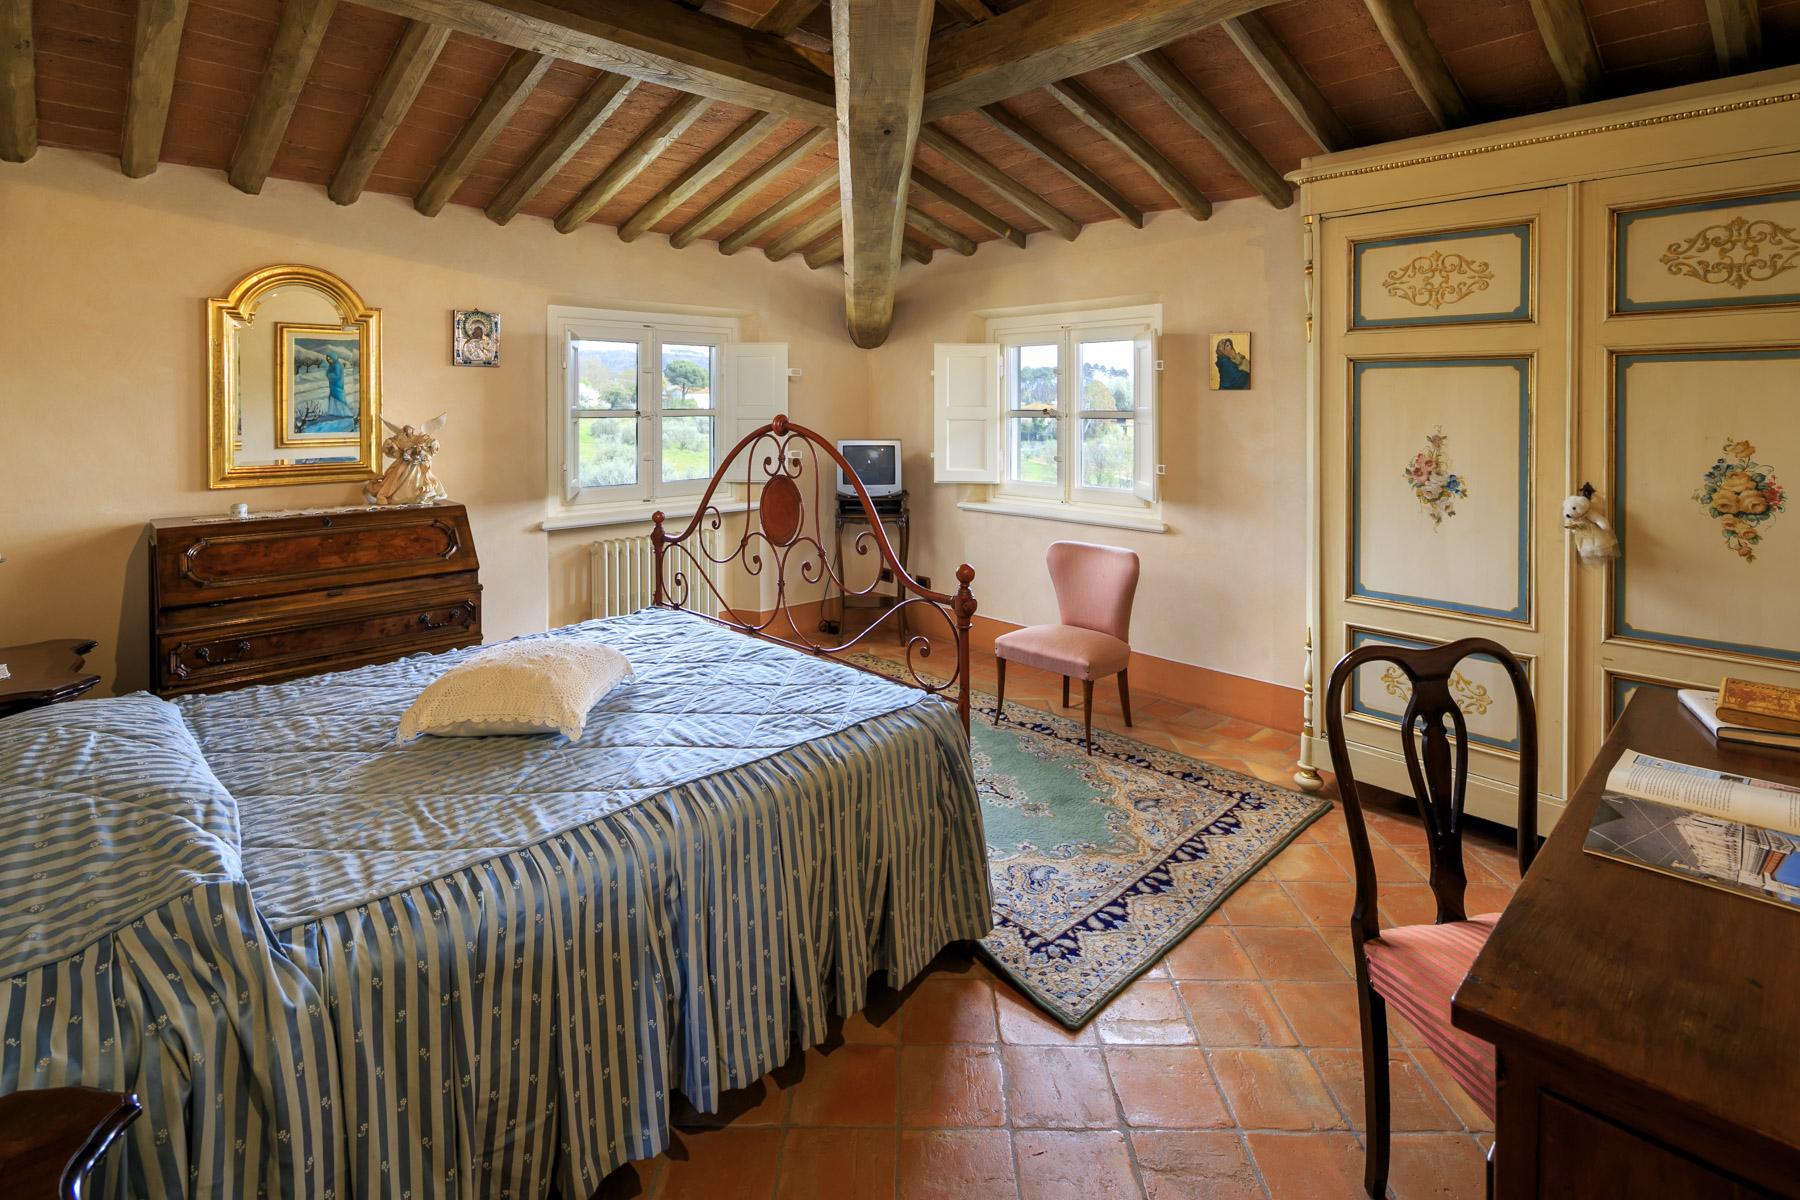 坐落于Lucca山丘之上源于17世纪的别墅 - 20